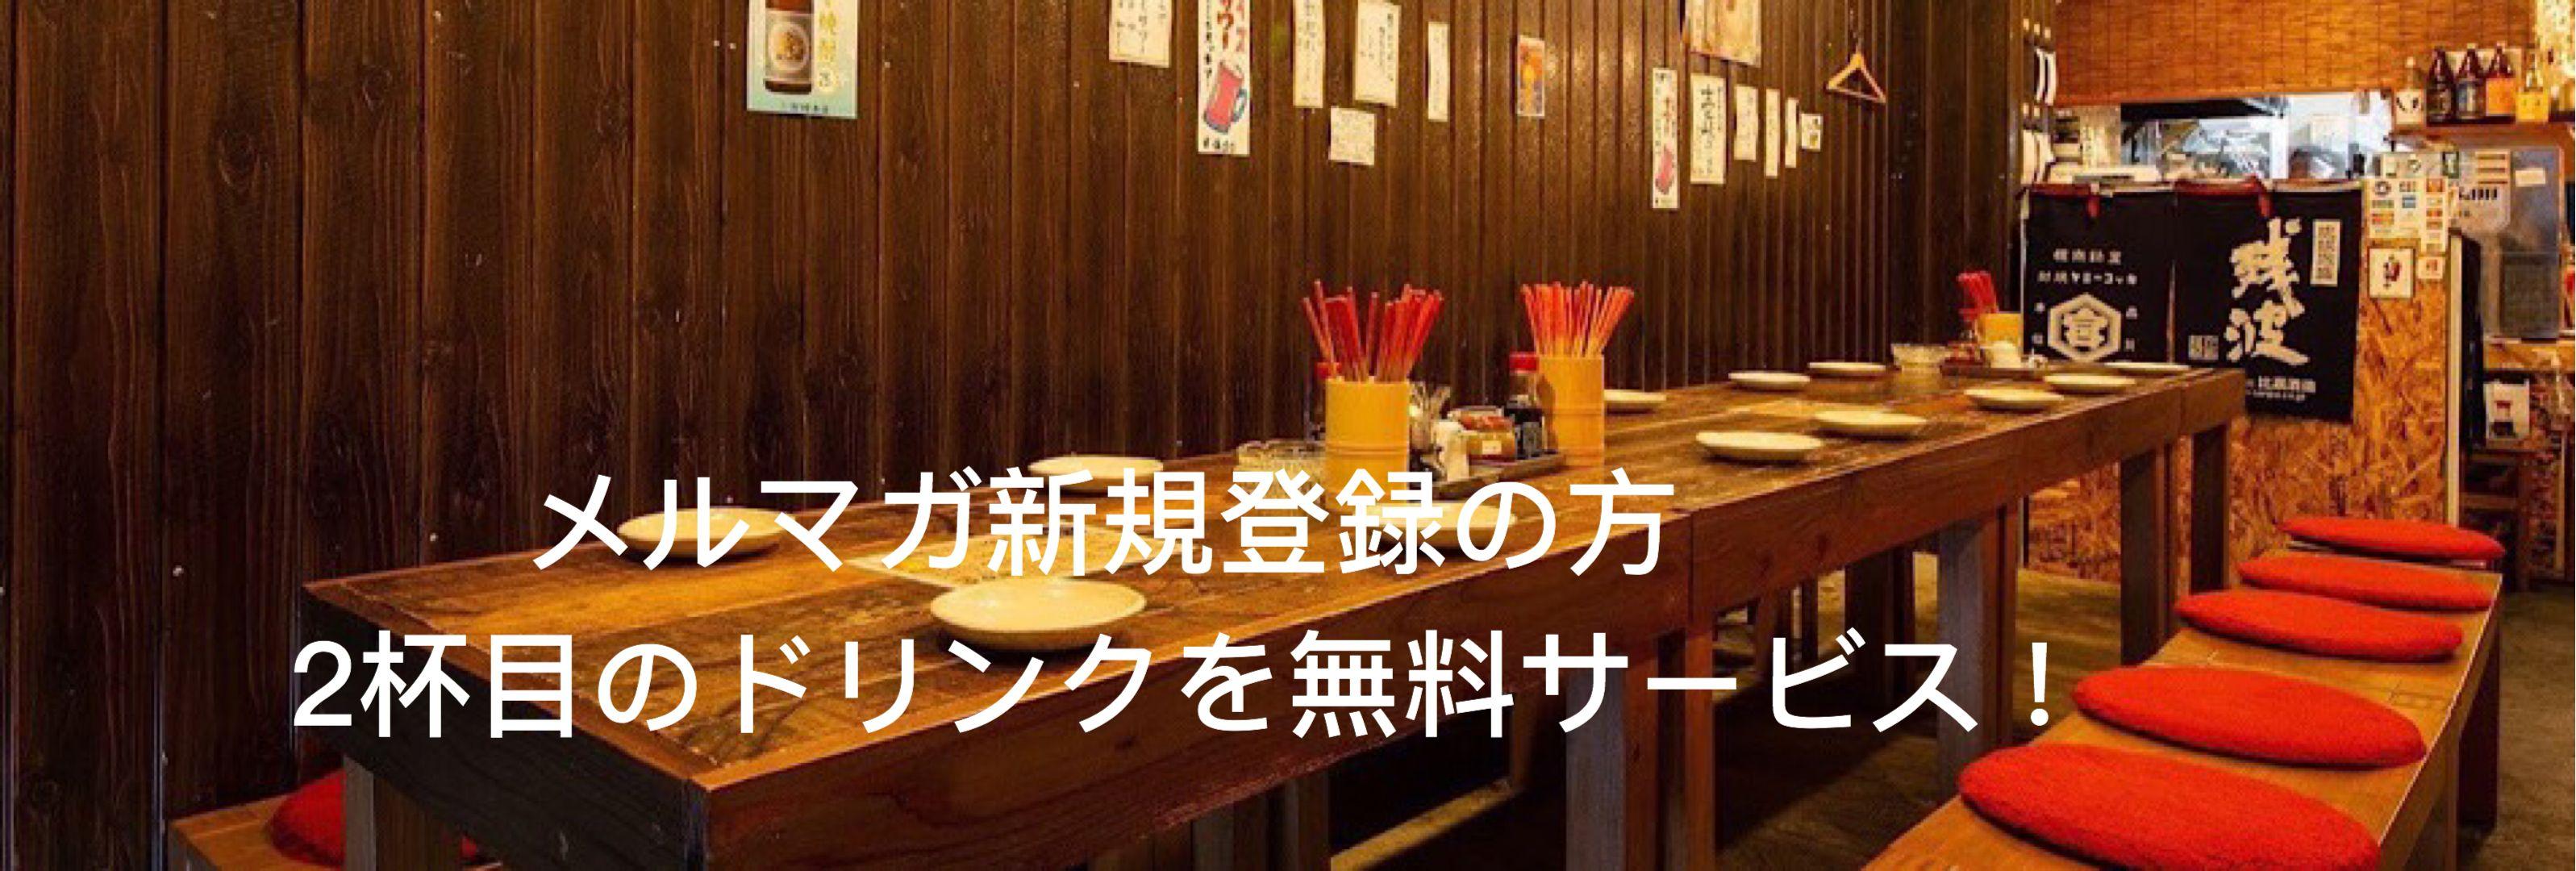 福岡シュウマイ酒場/とぶそーや